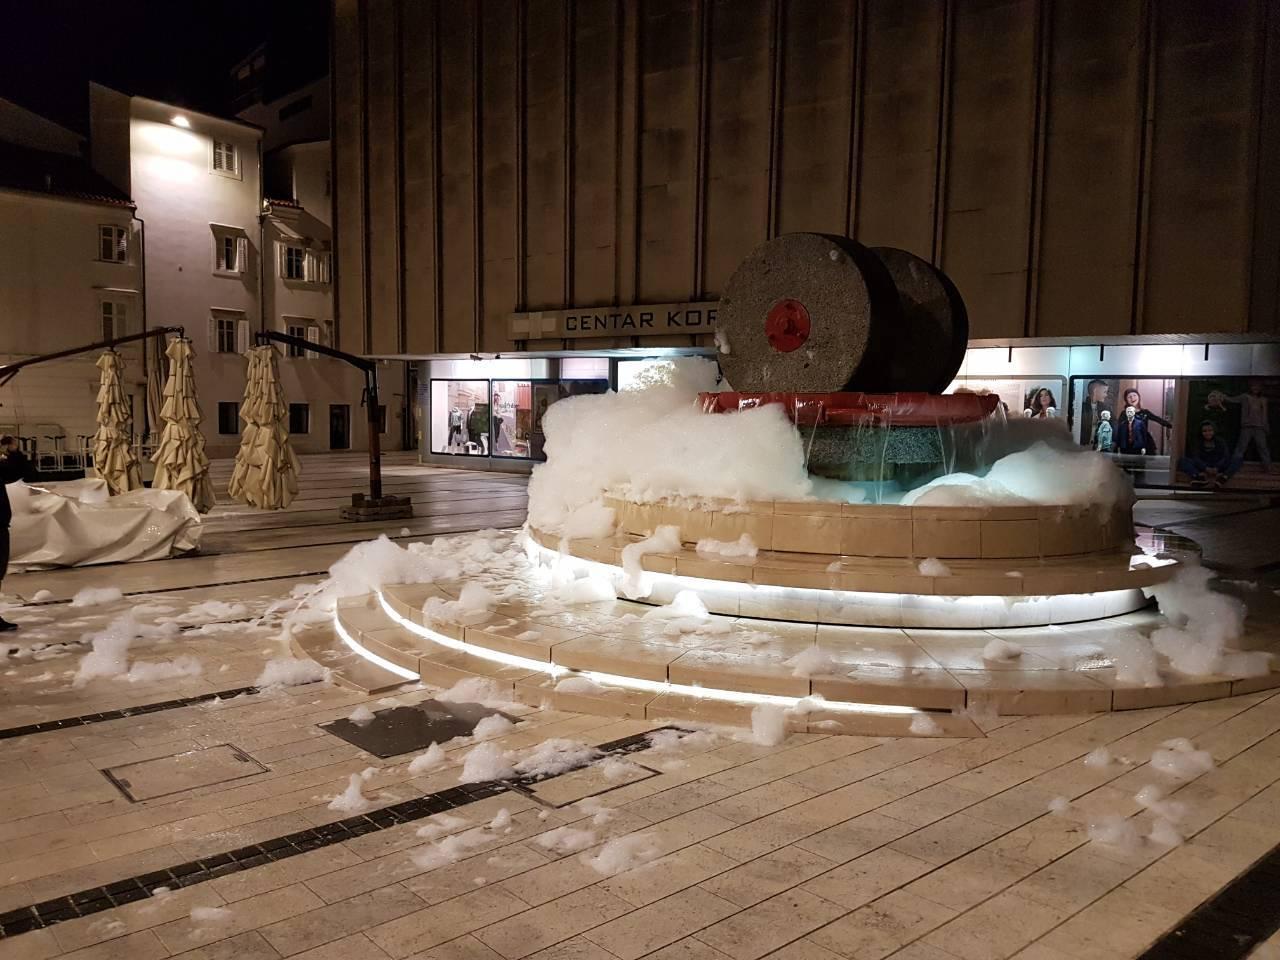 Zapjenio se korzo: Ubacili su deterdžent za suđe u fontane